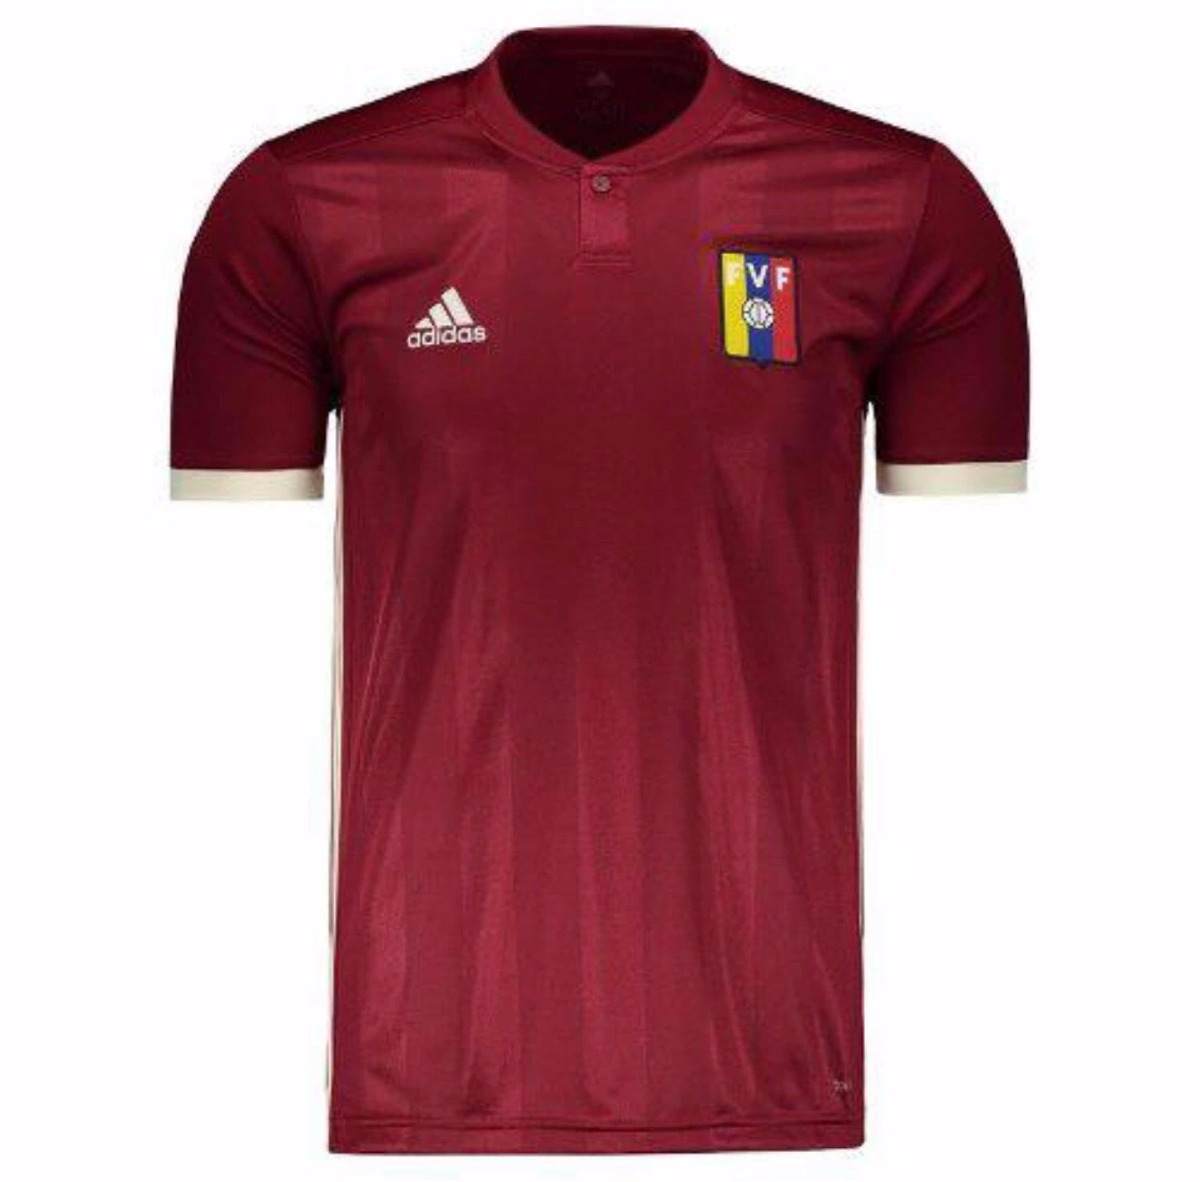 Camiseta Oficial Fvf 2018 adidas Original La Vinotinto - Bs. 189.550 ... 85c6235e86780